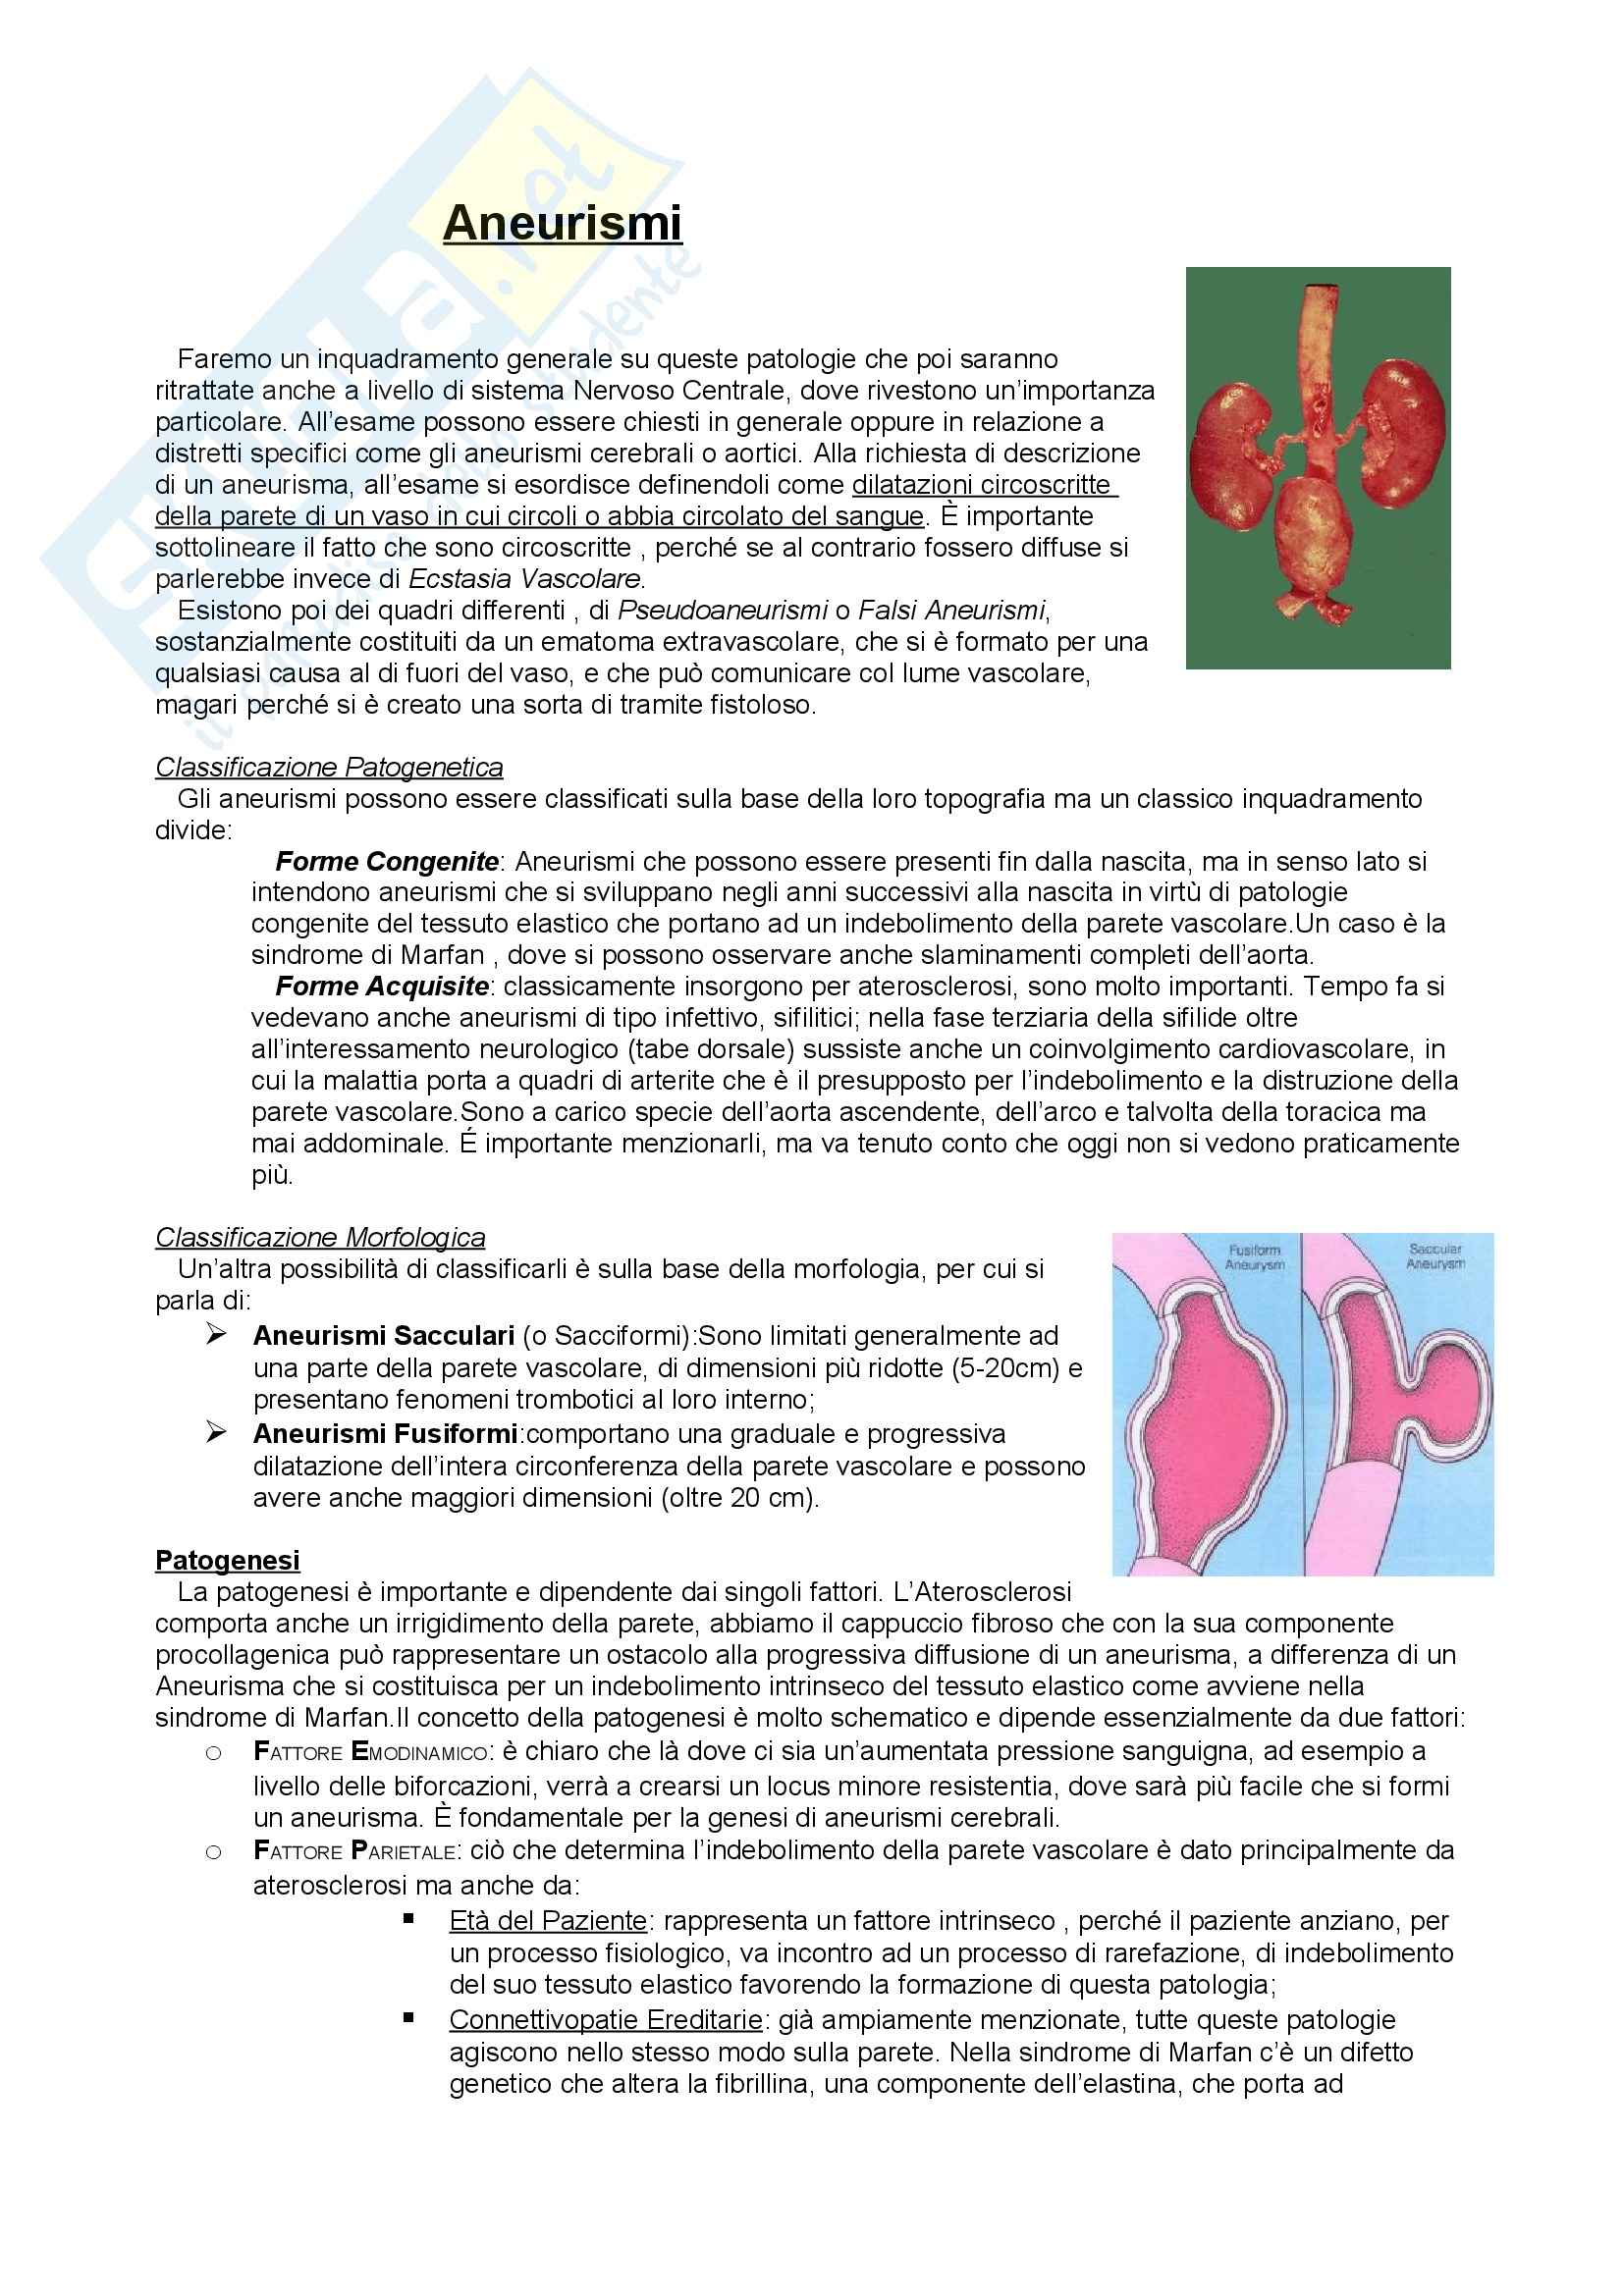 Anatomia Patologica - Patologia cardiovascolare